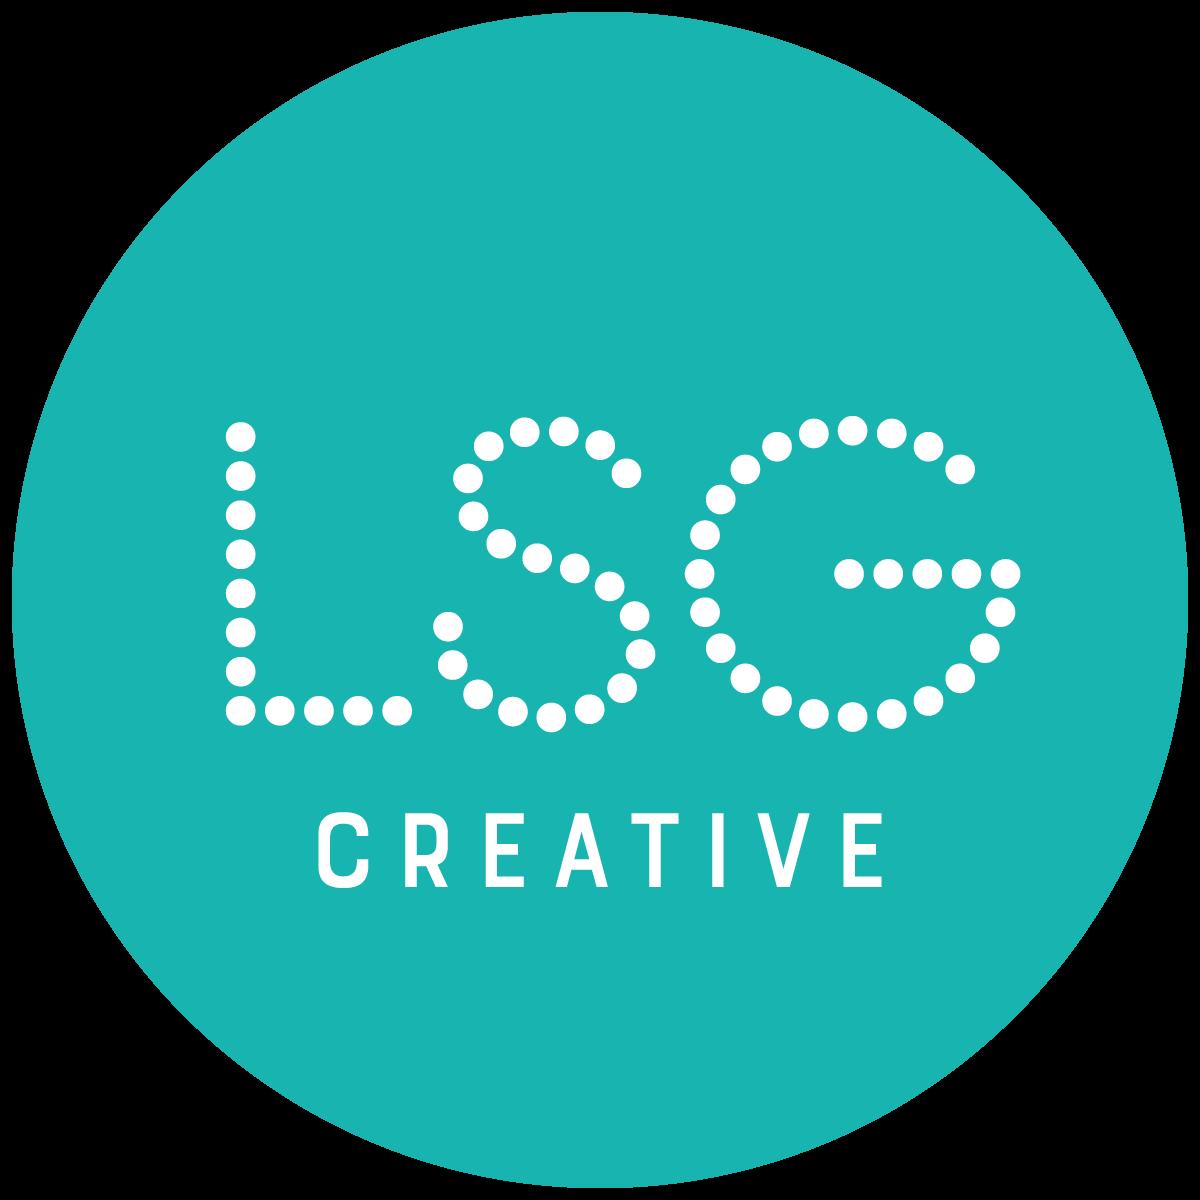 lsgcreative